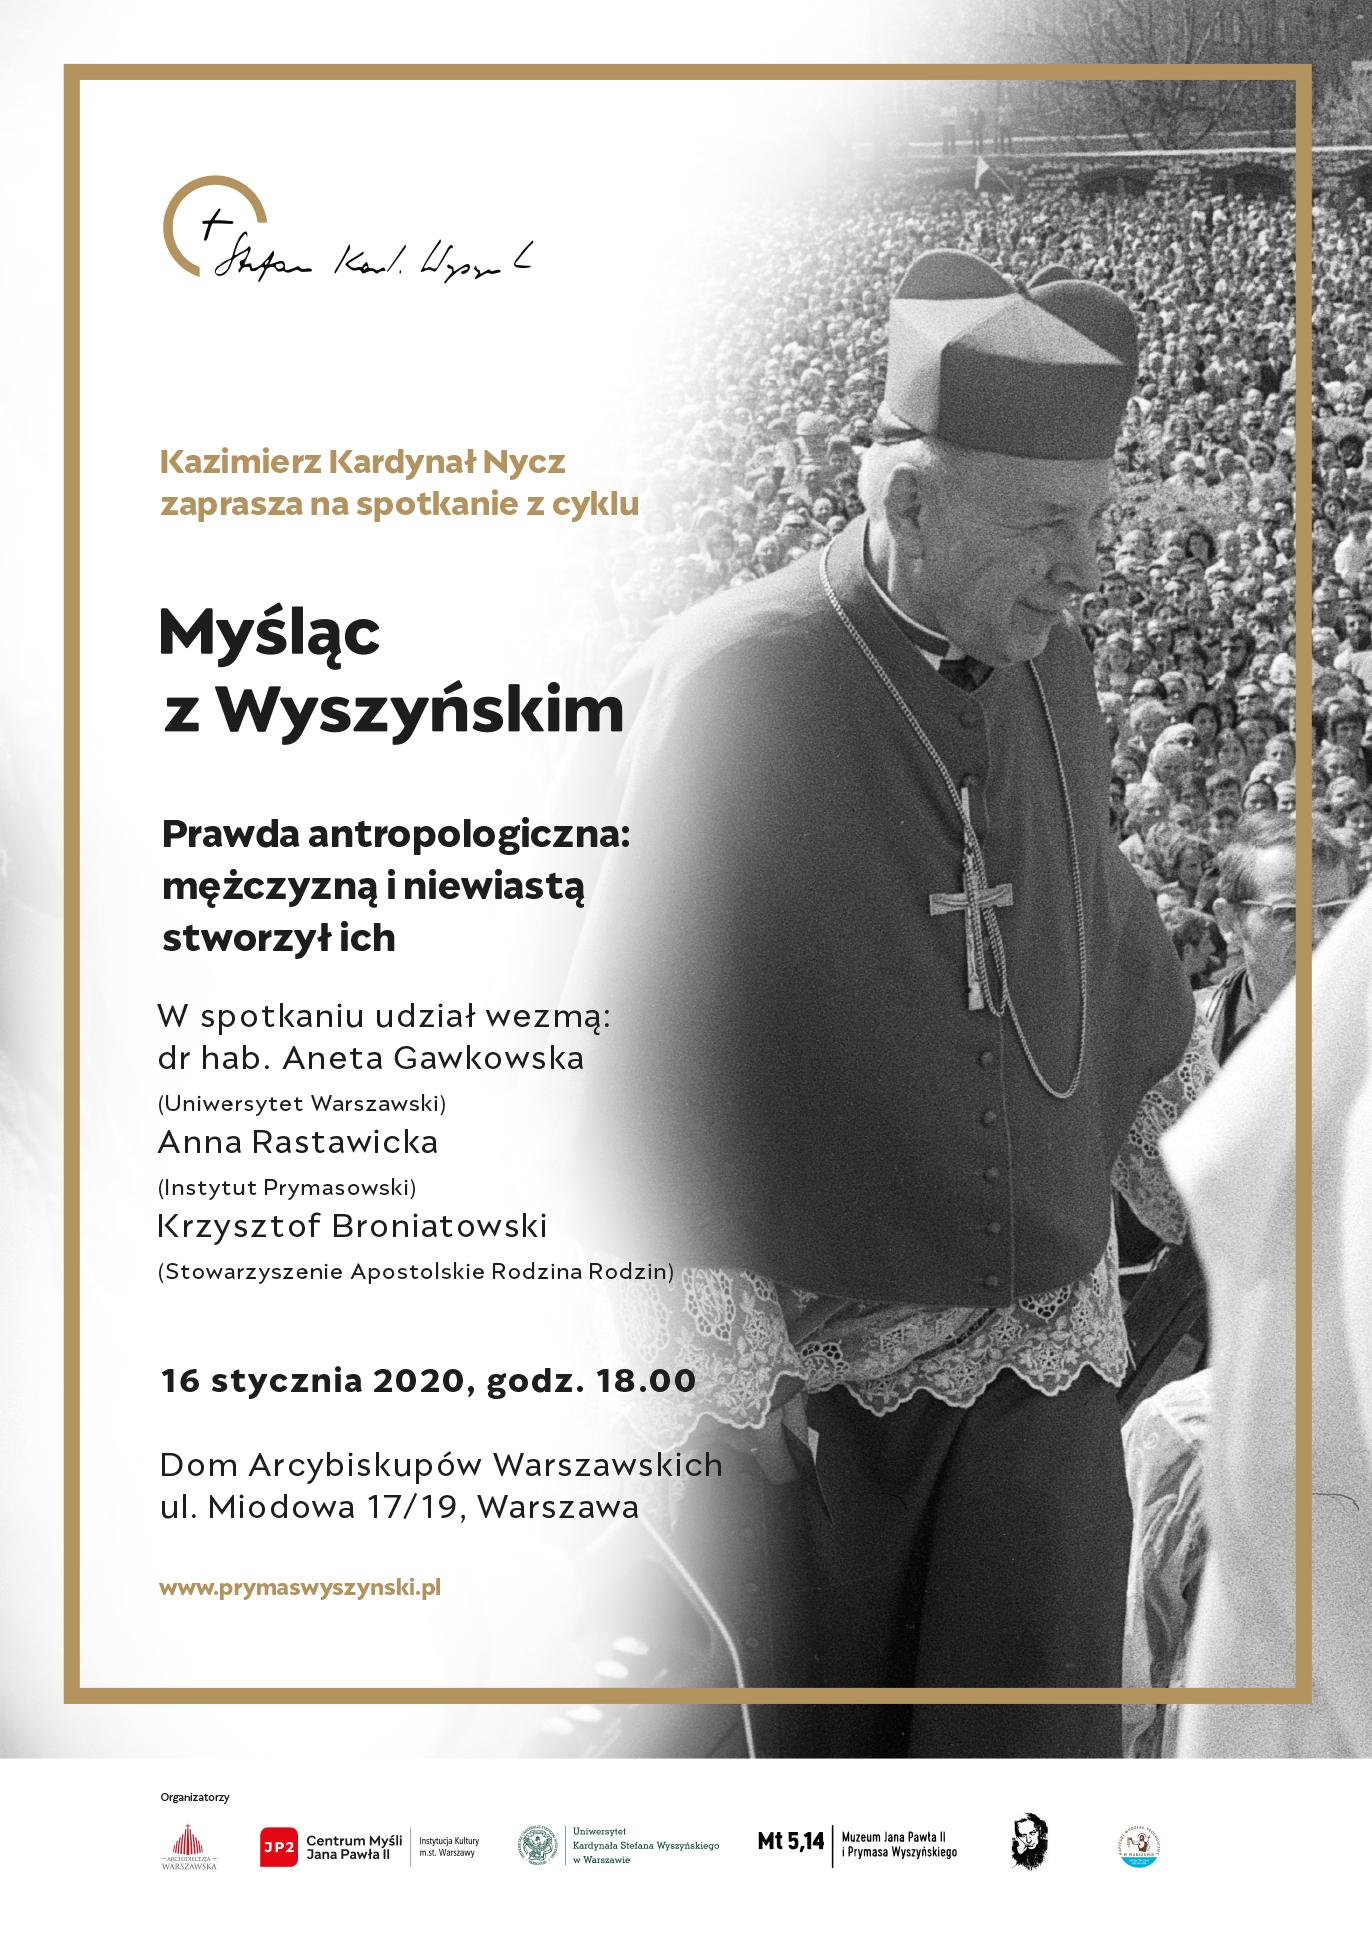 Myśląc z Wyszyńskim plakat